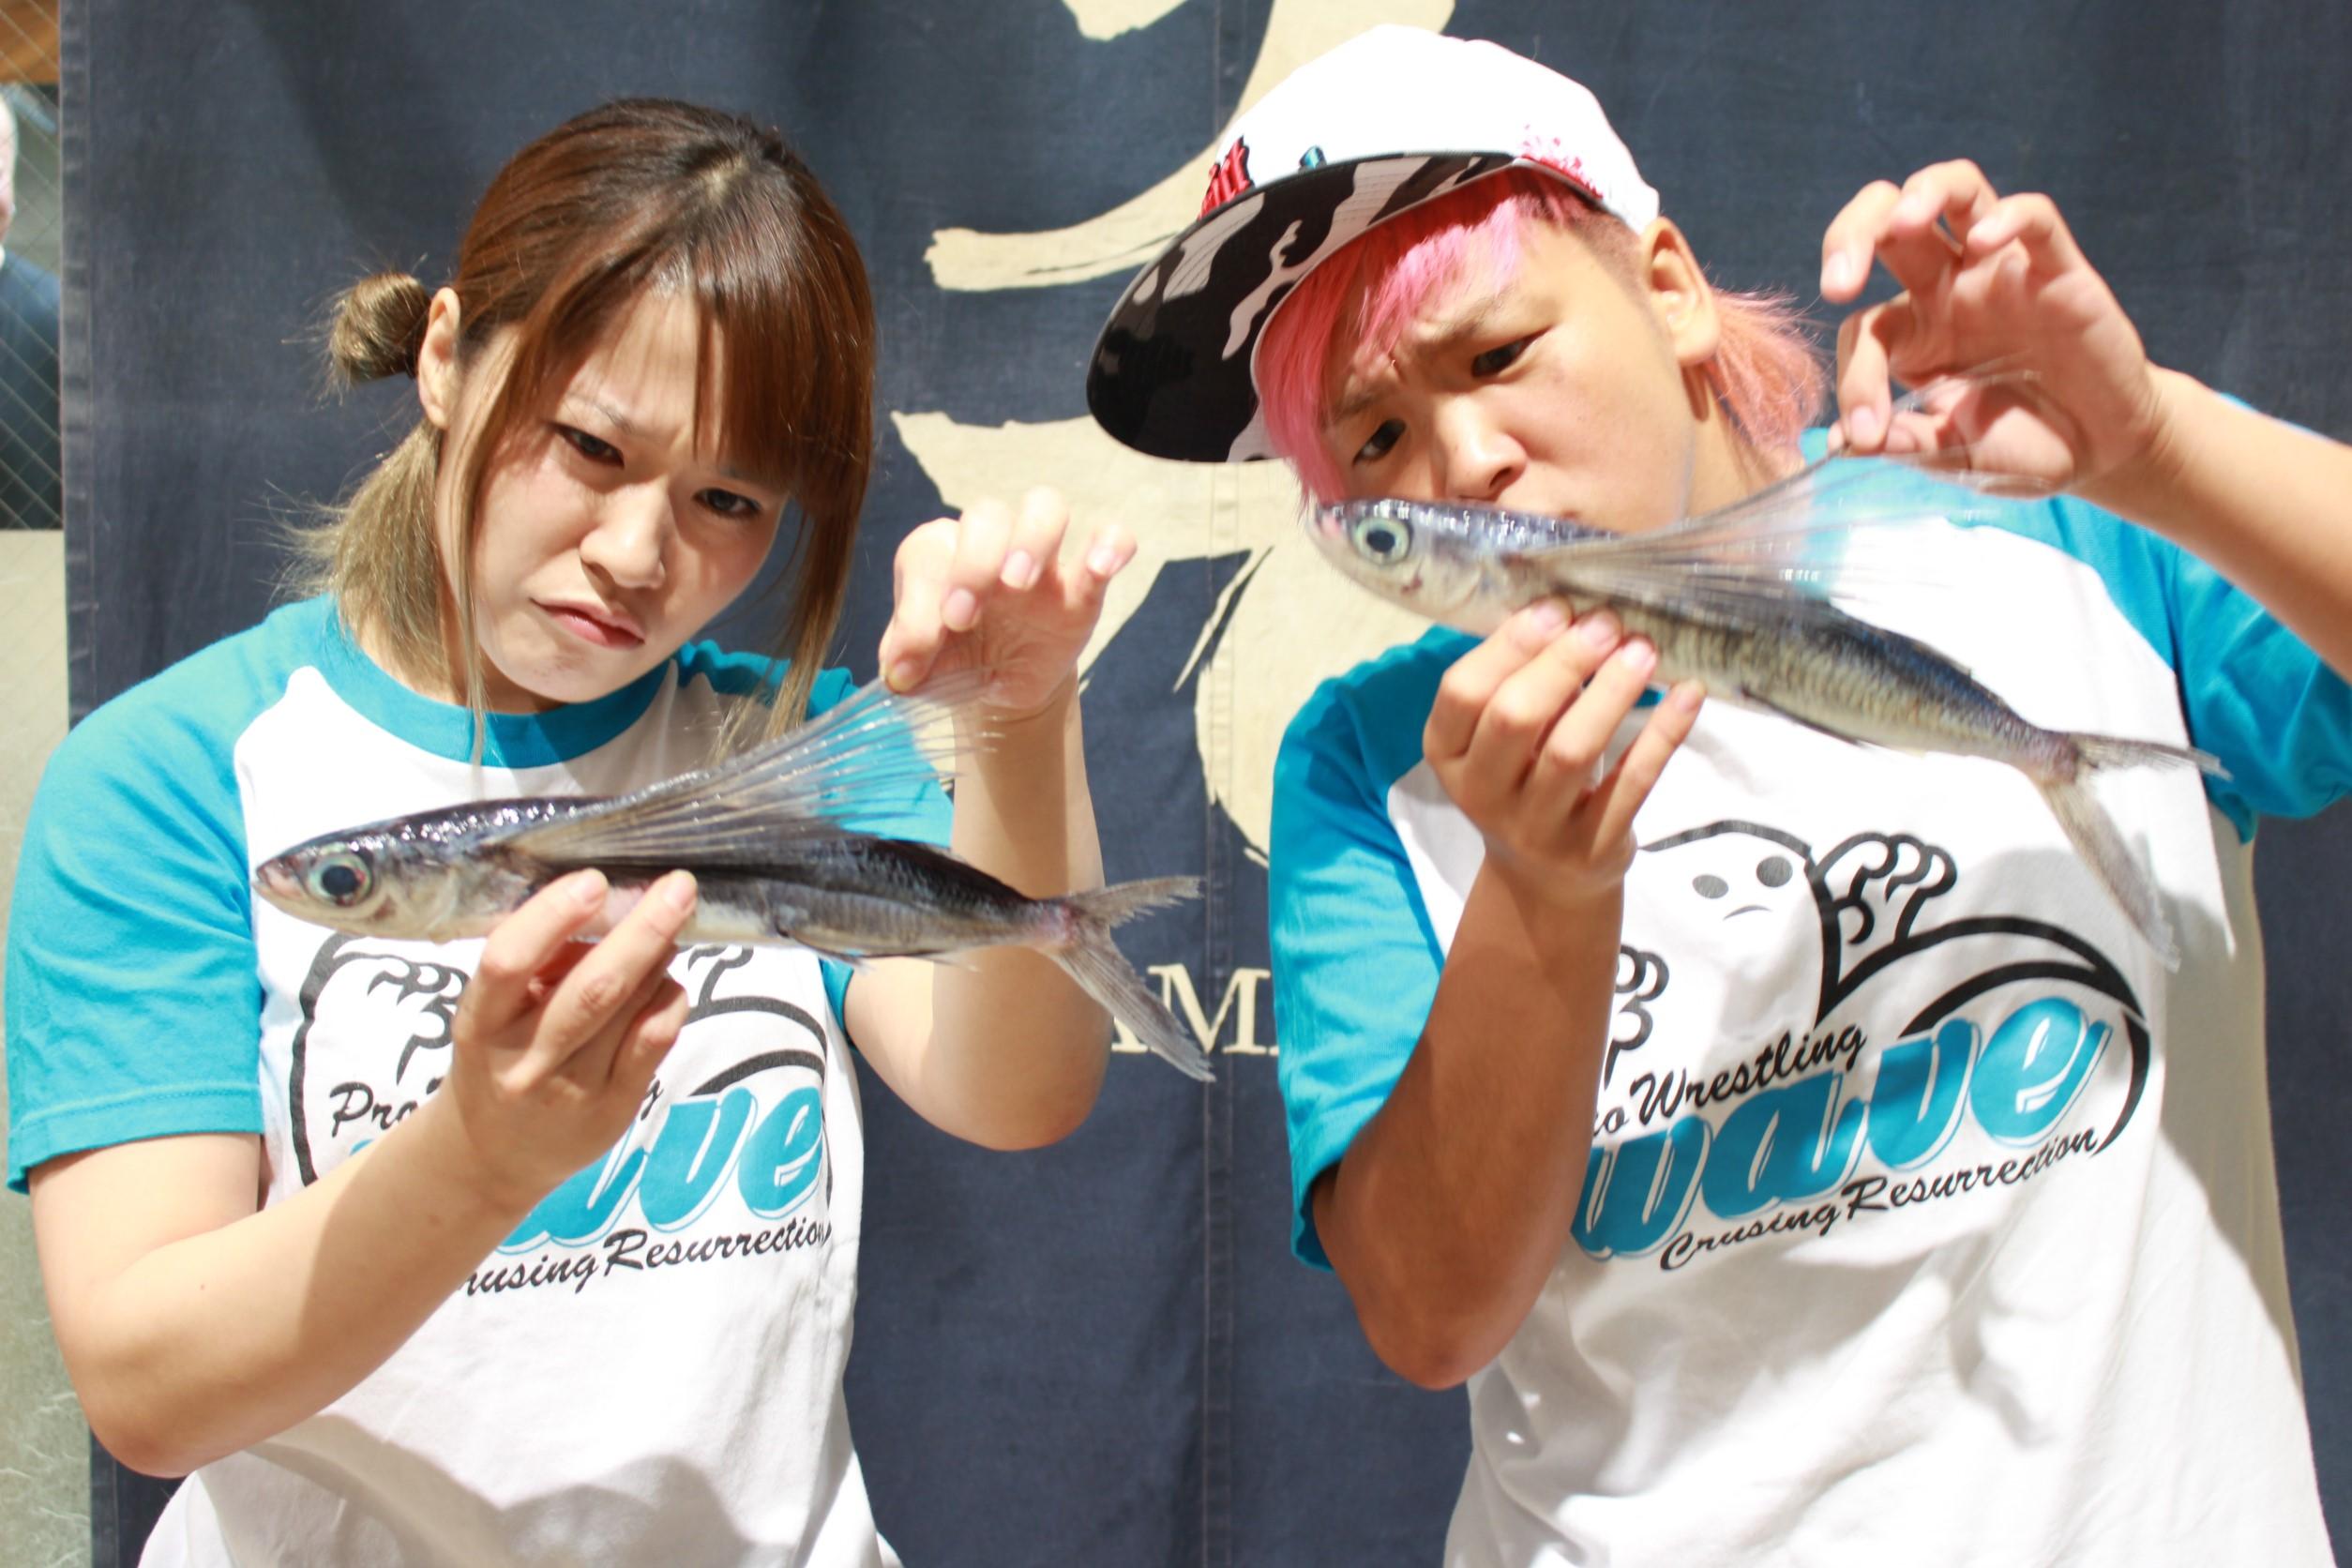 【プロレスリングWAVE】7.29新木場!水波綾 vs 大畠美咲のAvidRivalシングル対決!